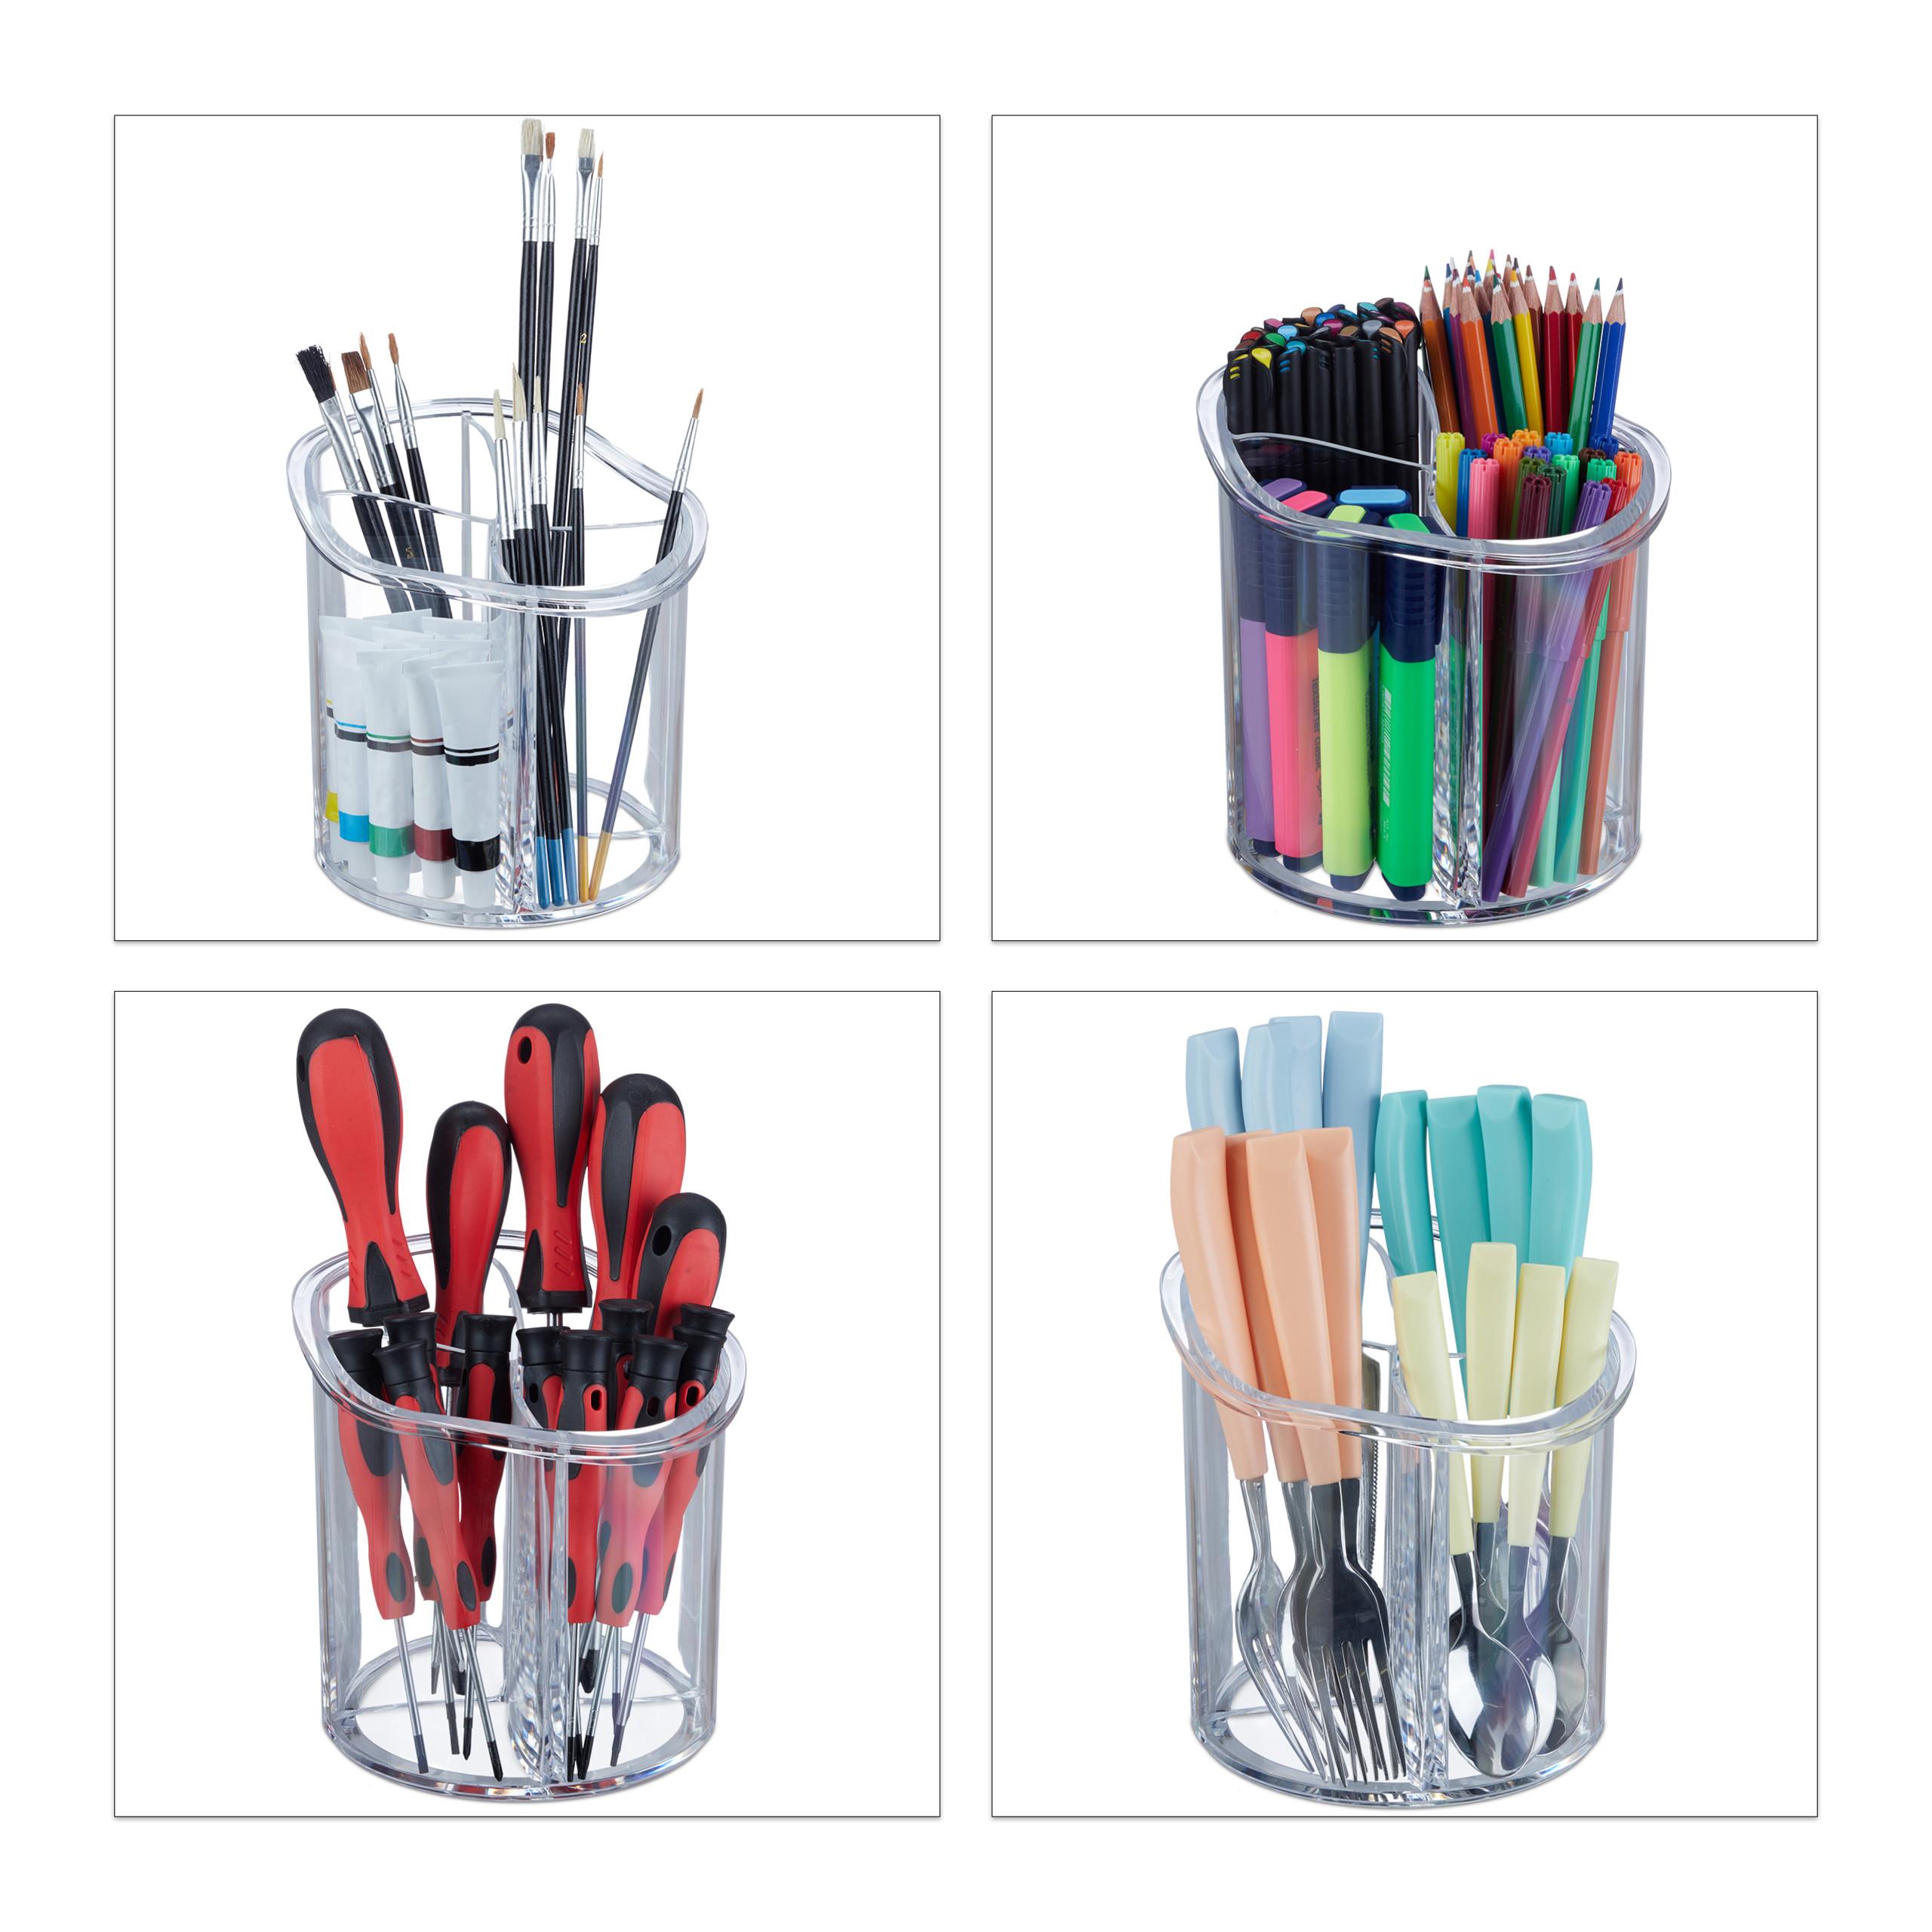 make-up-organizer-kwastenhouder-kwasten-acryl-organizer-rond miniatuur 12